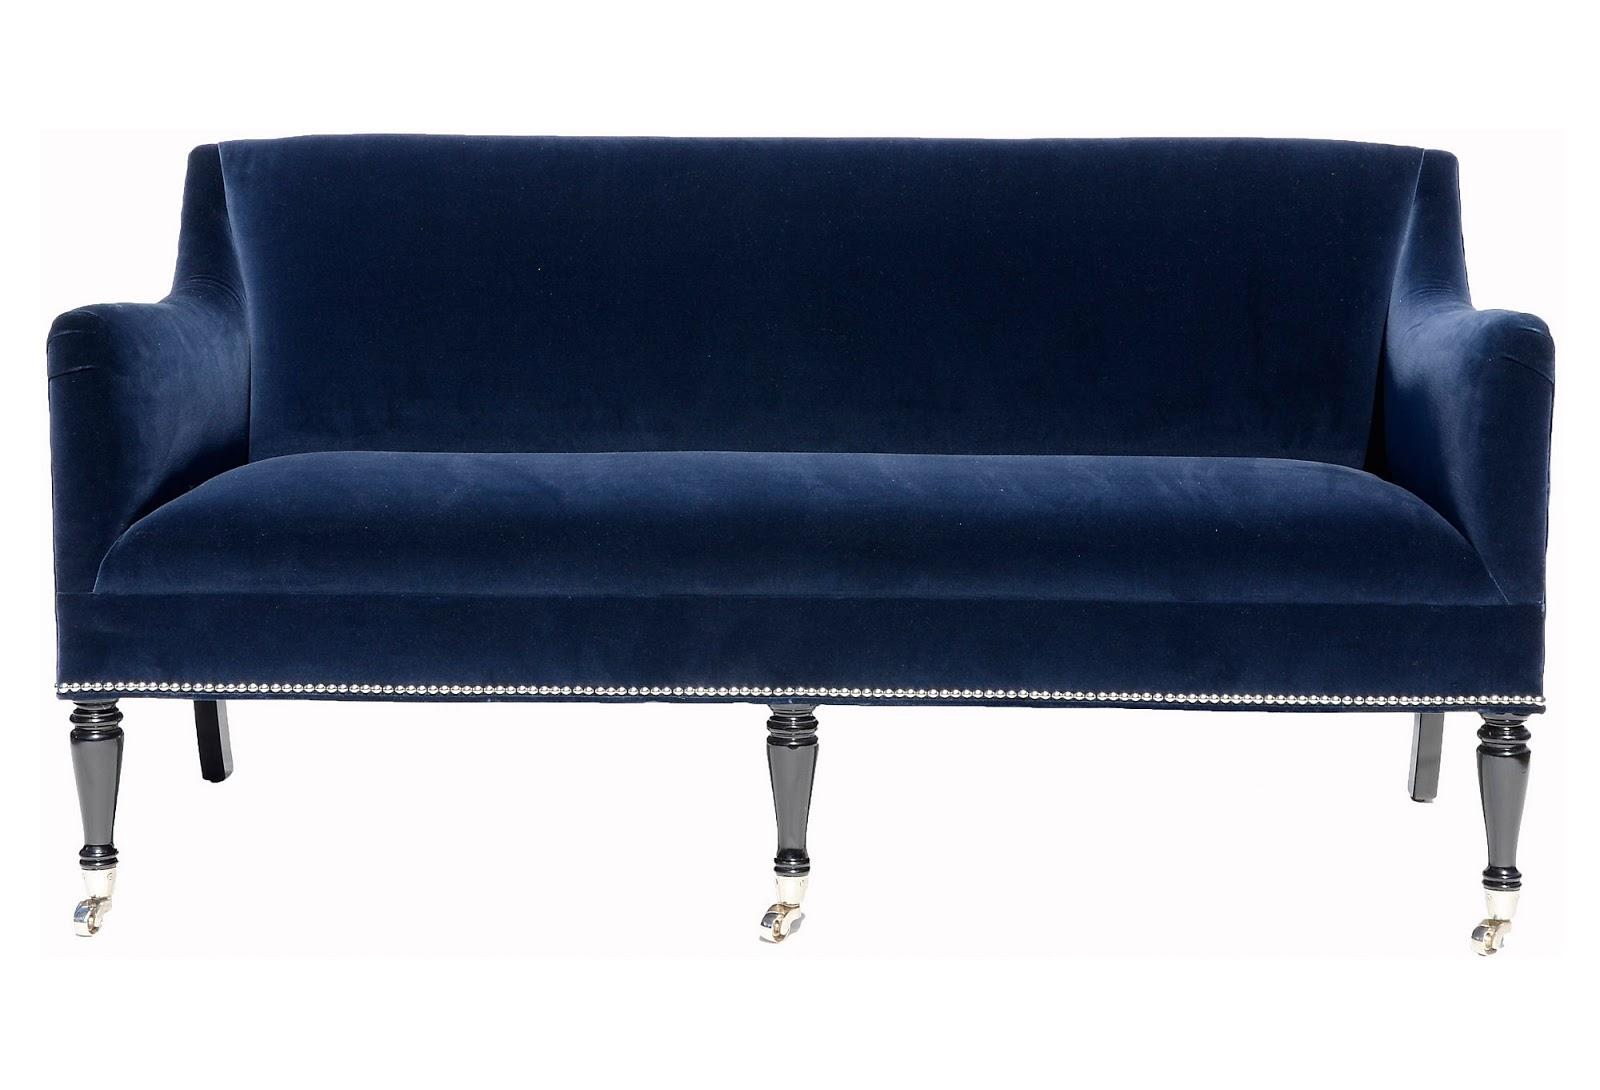 velvet sectional sofa pennsylvania house barclay butera ridgecrest loveseat  regular 3 640 on